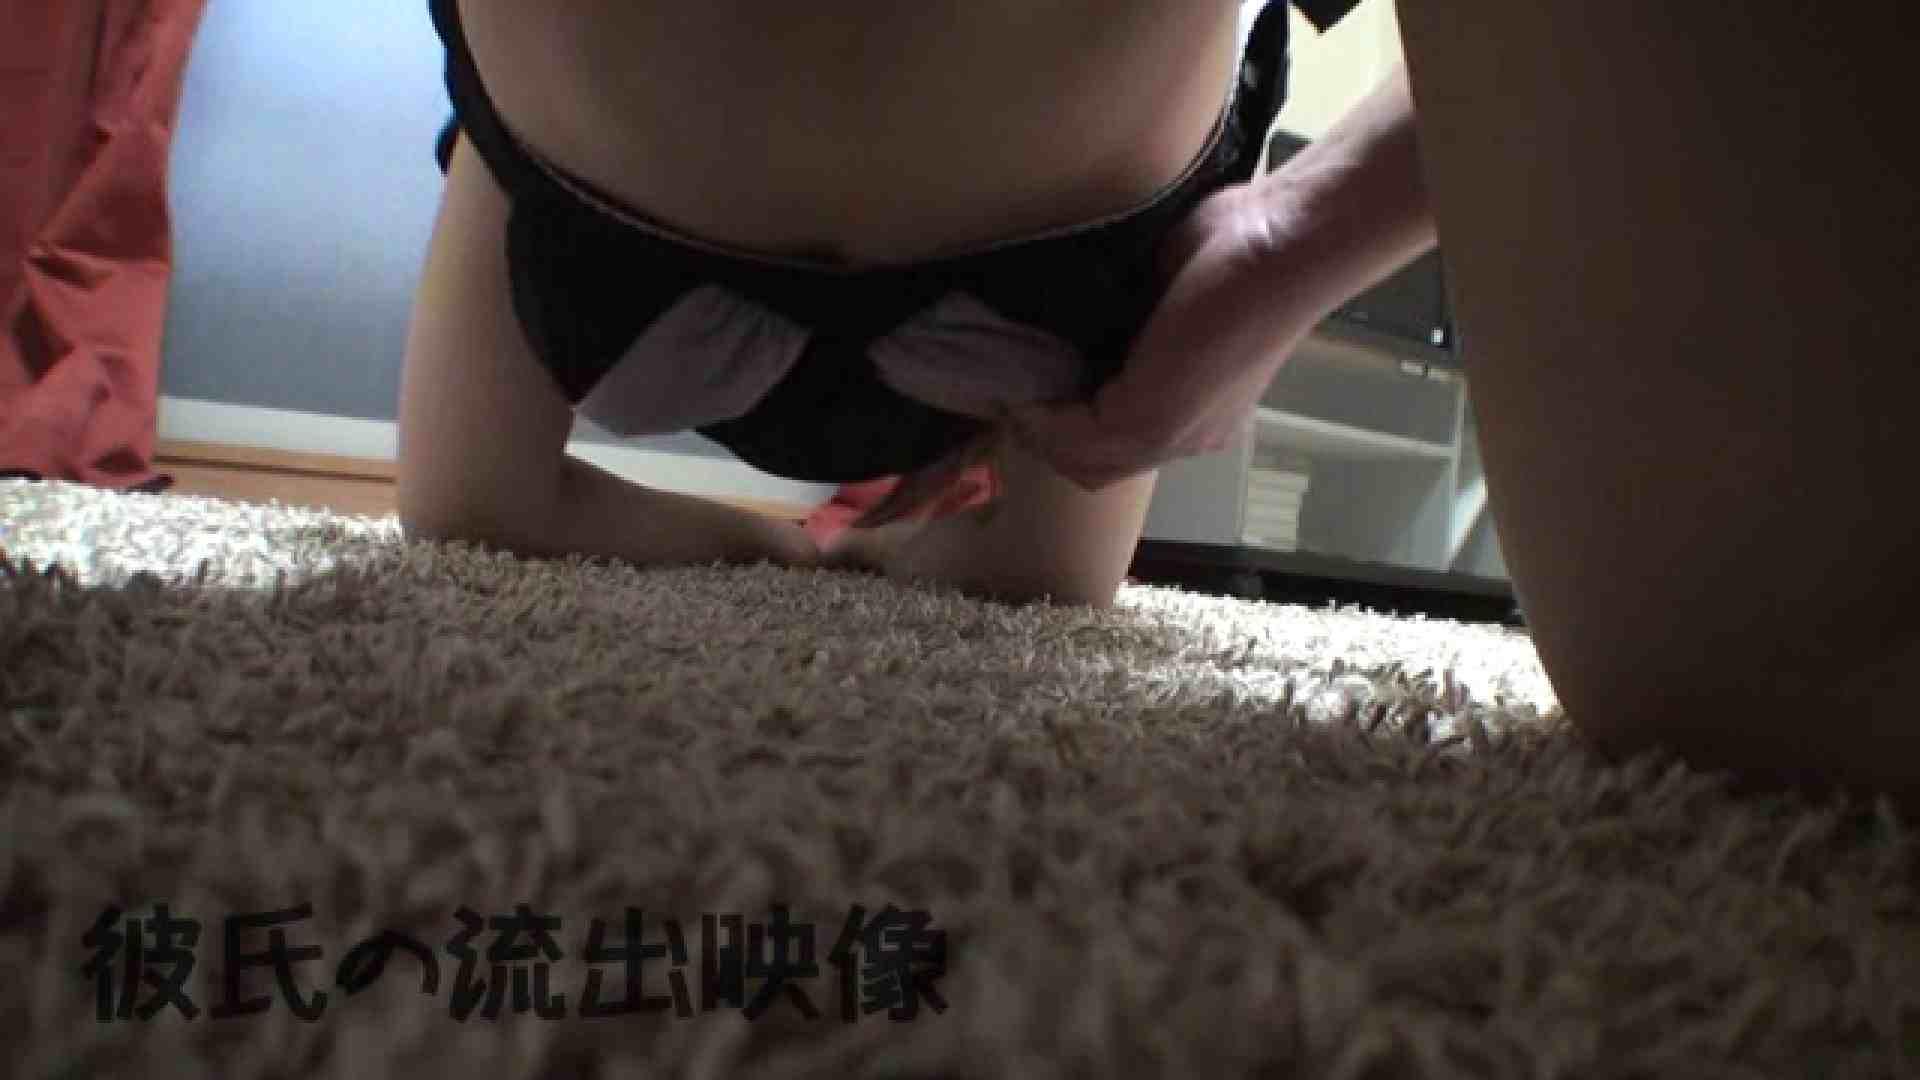 彼氏が流出 パイパン素人嬢のハメ撮り映像 パイパンギャル | 一般投稿  68画像 41